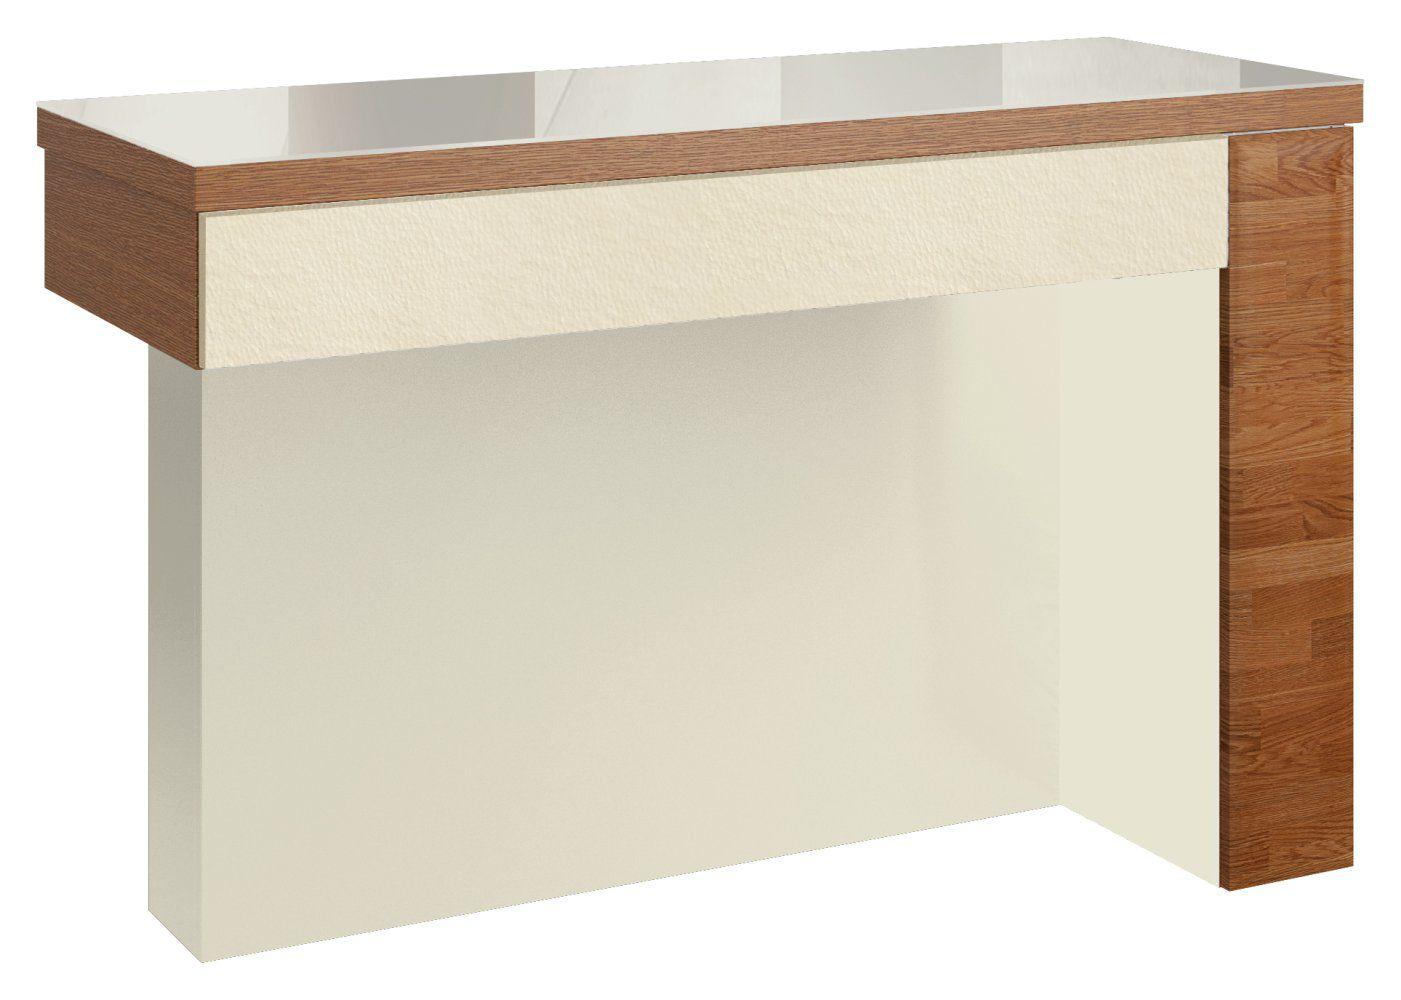 """Schminktisch """"Postira"""" 41, Farbe: Walnuss / Weiß, teilmassiv - Abmessungen: 79 x 119 x 50 cm (H x B x T)"""